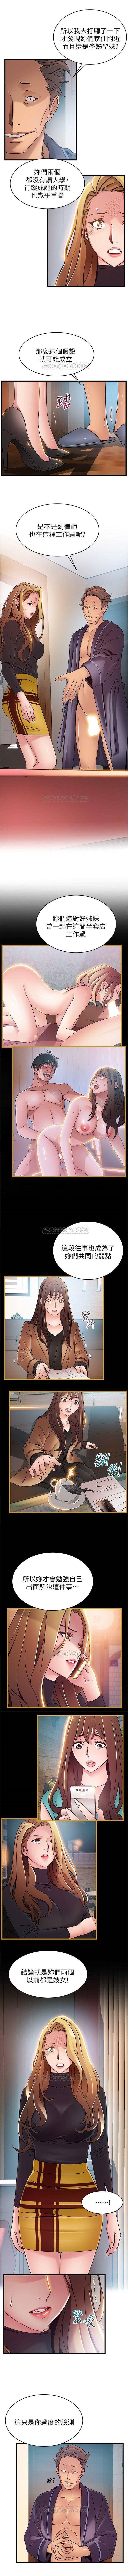 (週7)弱點 1-76 中文翻譯(更新中) 350